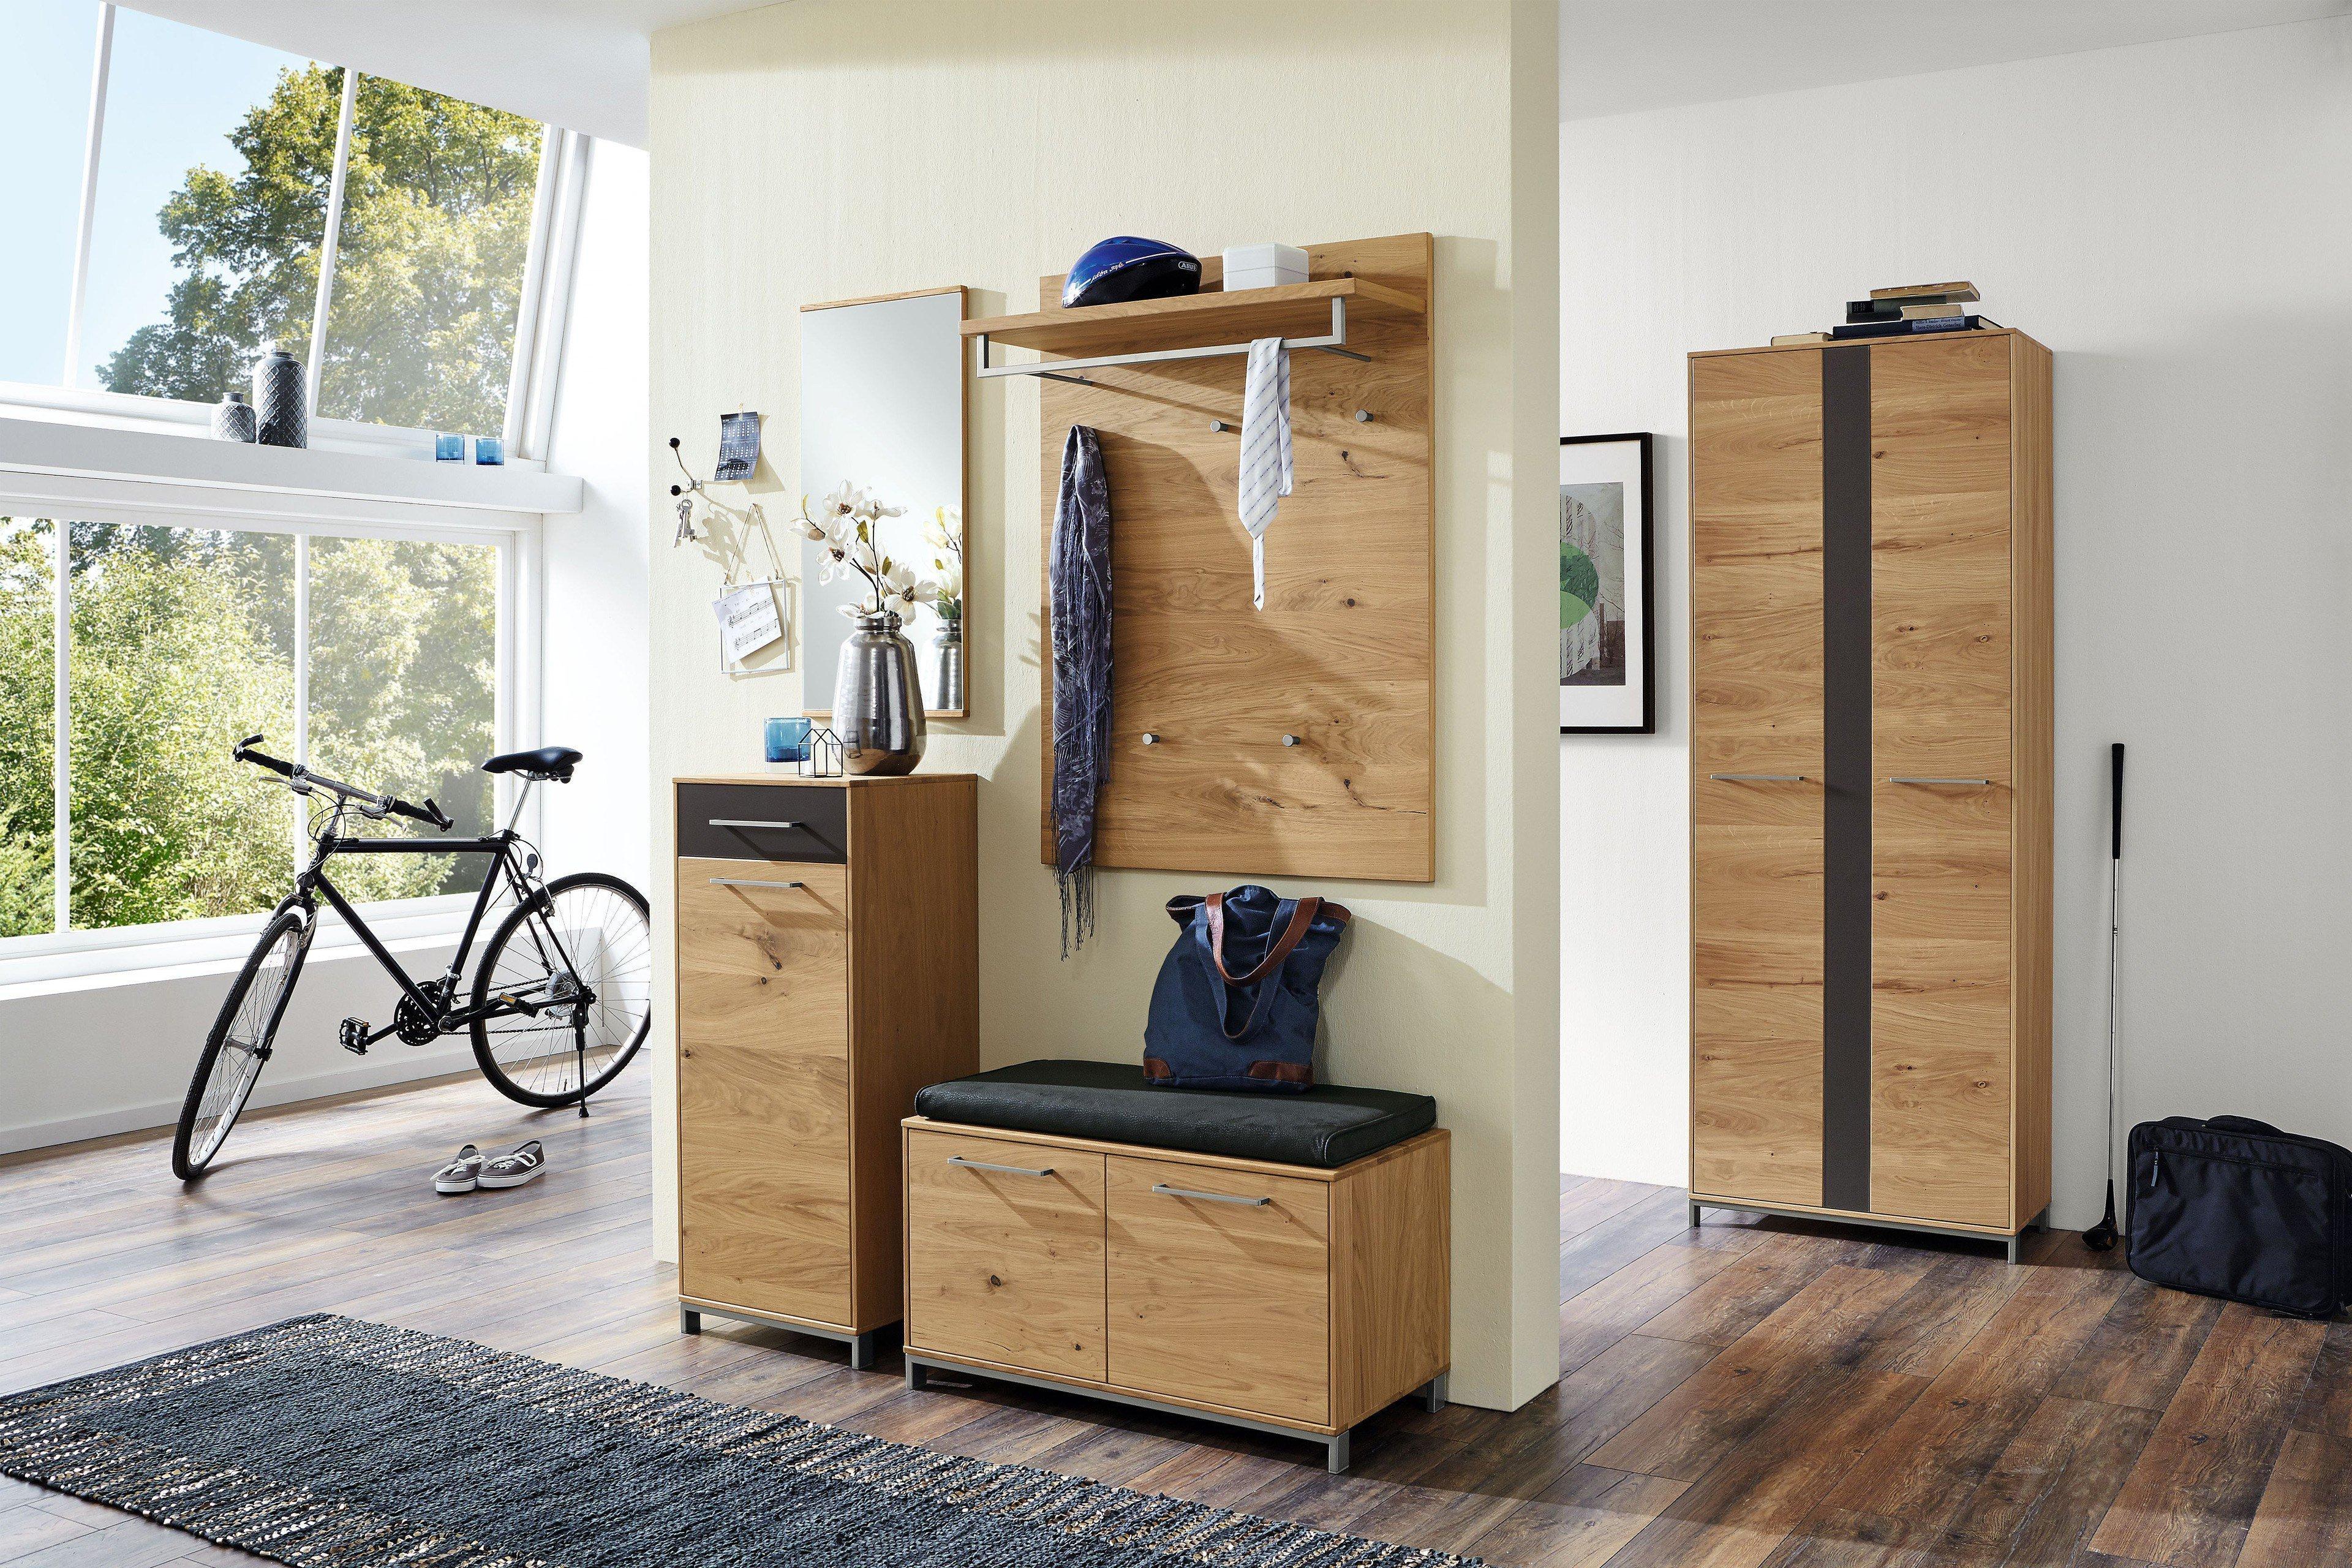 voss garderobe vedo eiche anthrazit vierteilig m bel letz ihr online shop. Black Bedroom Furniture Sets. Home Design Ideas